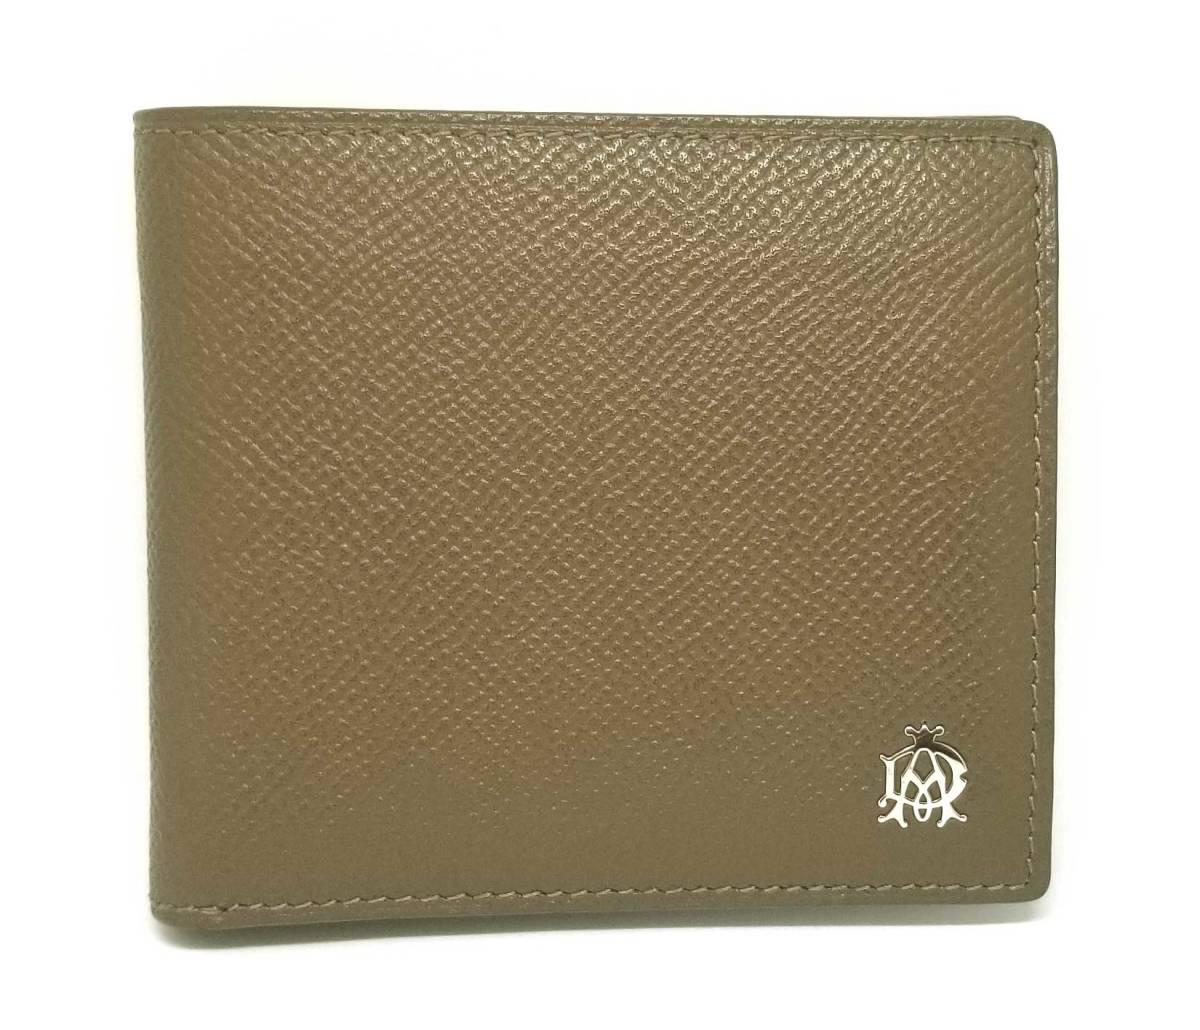 ダンヒル 財布 二つ折り レザー ボードン 型押し レザー 本革 BOURDON メンズ コインケースあり dunhill 美品  【中古】